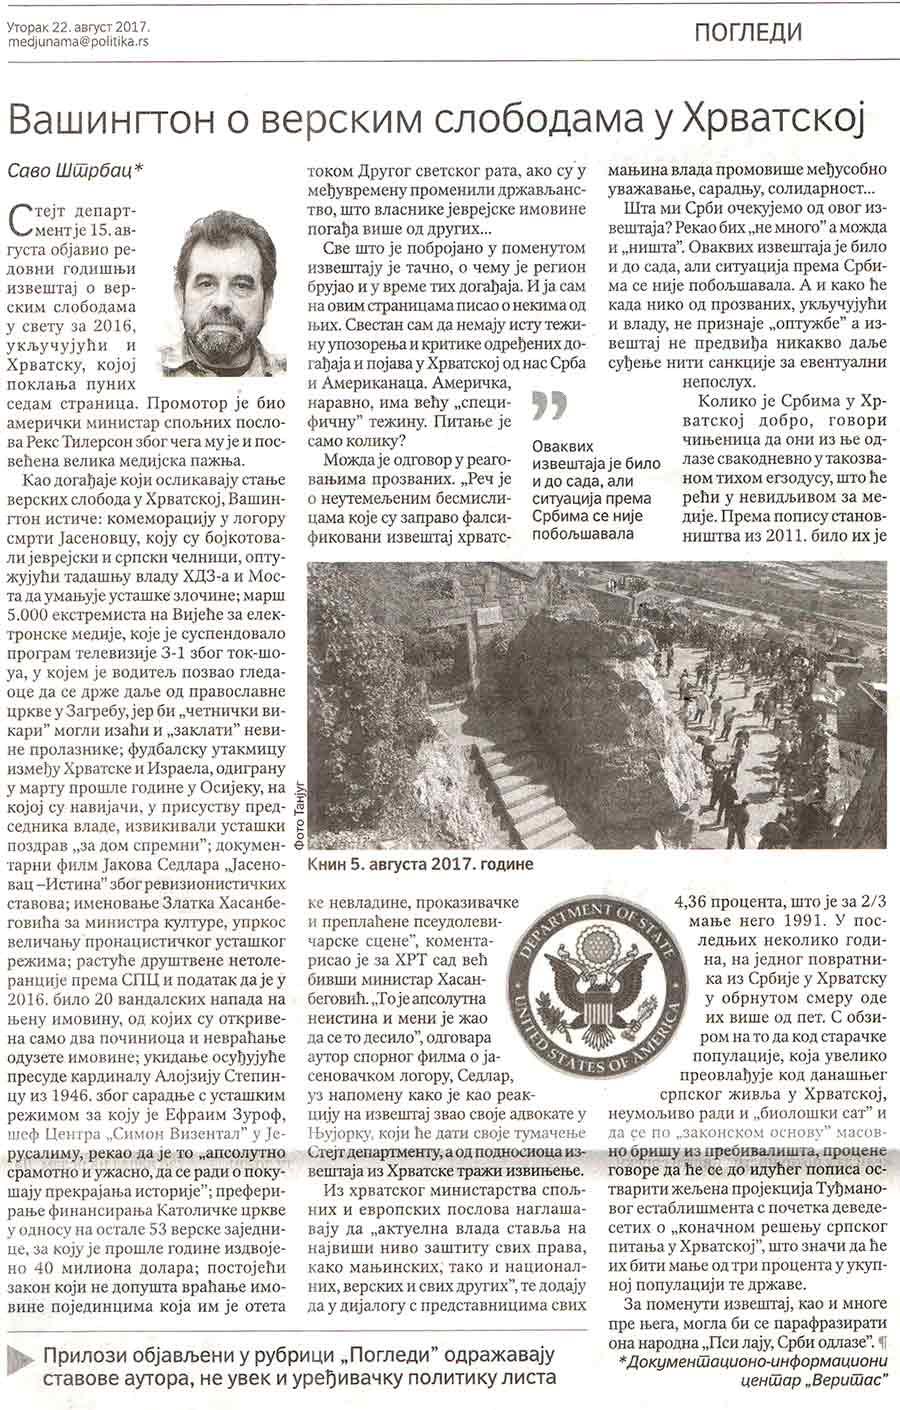 Politika, 22.08.2017, Savo Štrbac: Vašington o verskim slobodama u Hrvatskoj